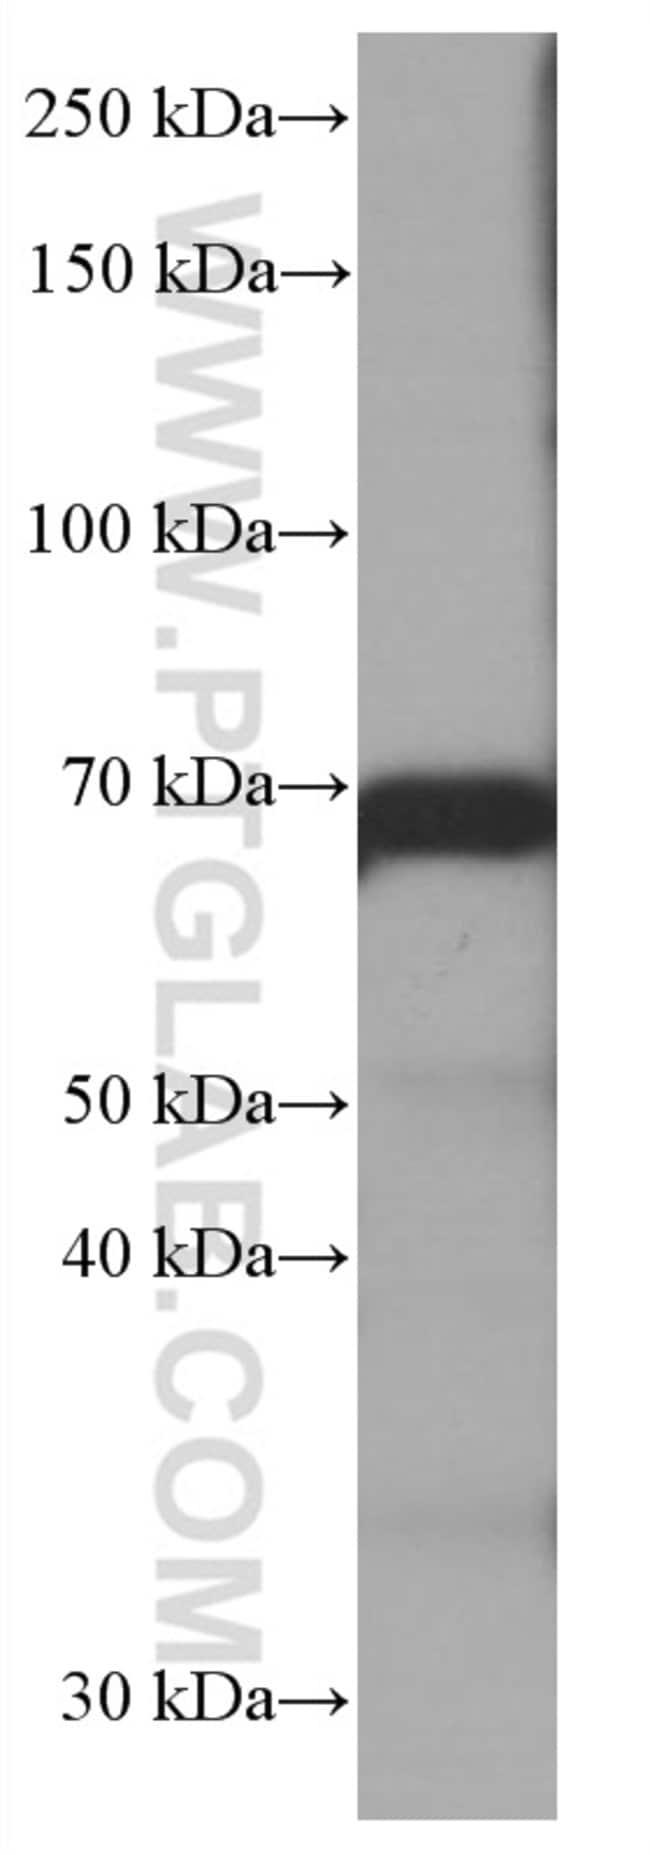 CALD1 Mouse anti-Human, Mouse, Rat, Clone: 1E1C11, Proteintech 150 μL; Unconjugated Ver productos